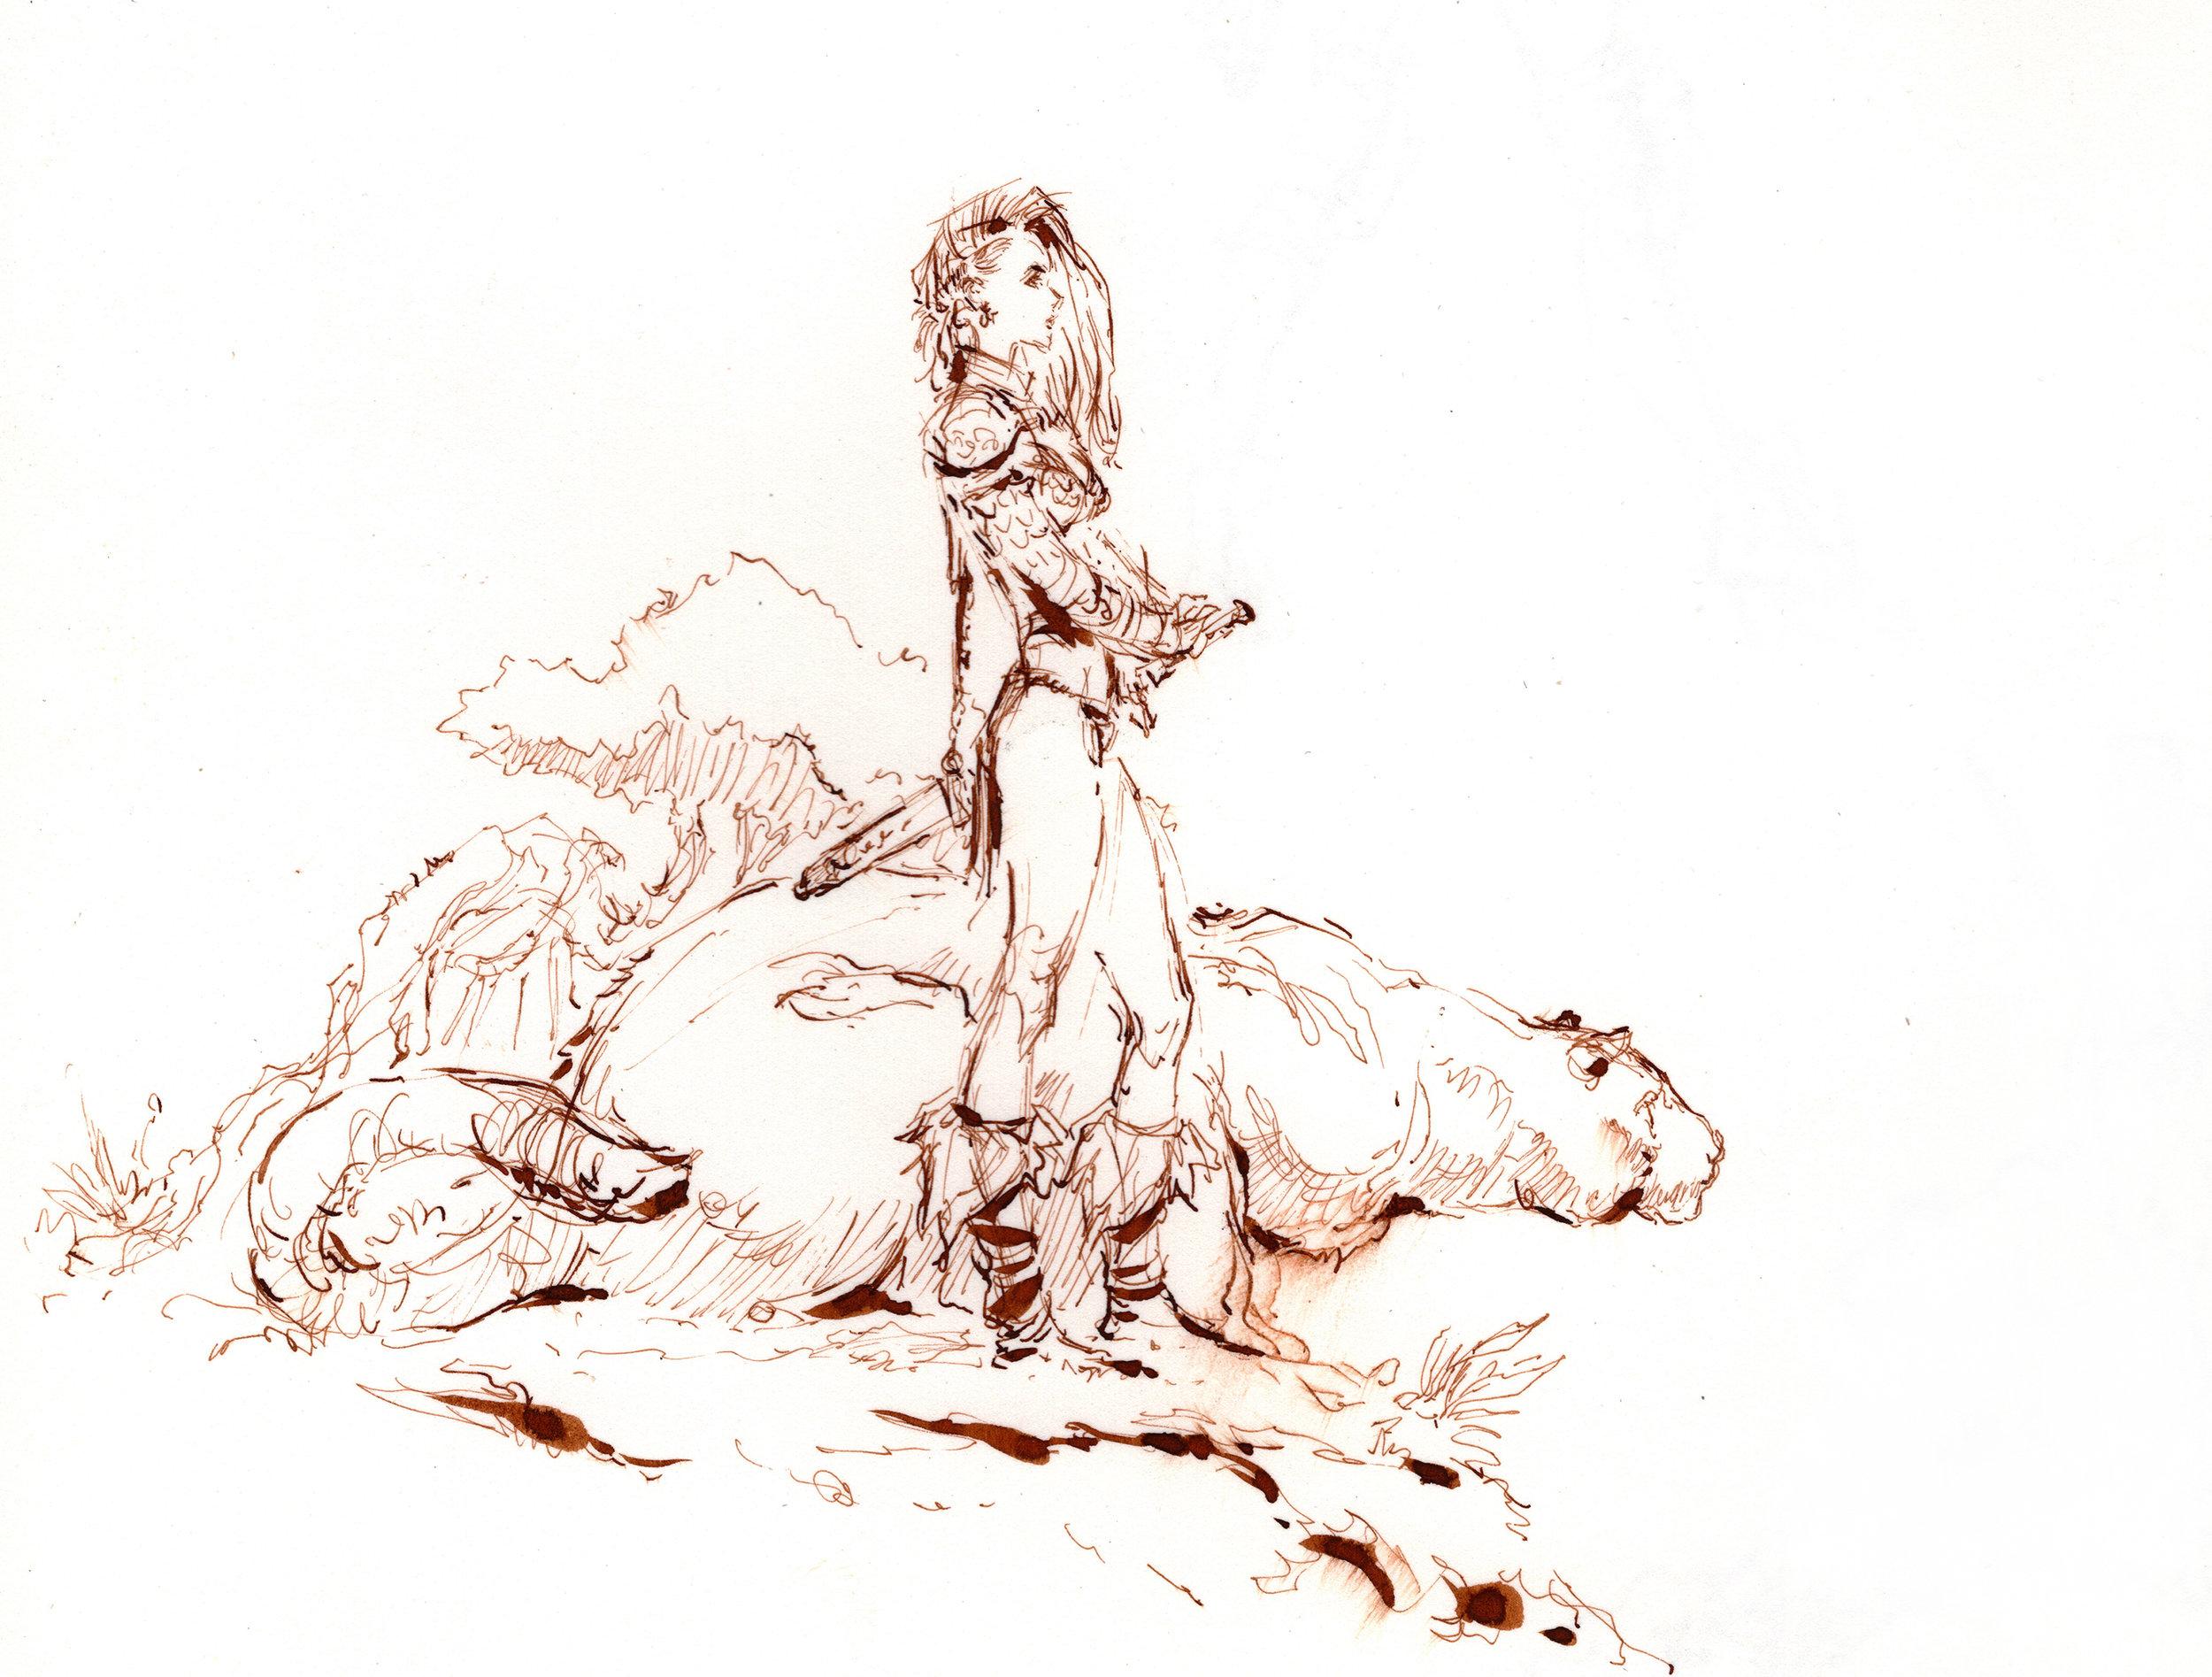 daniel-landerman-landerman-rs-sketch.jpg